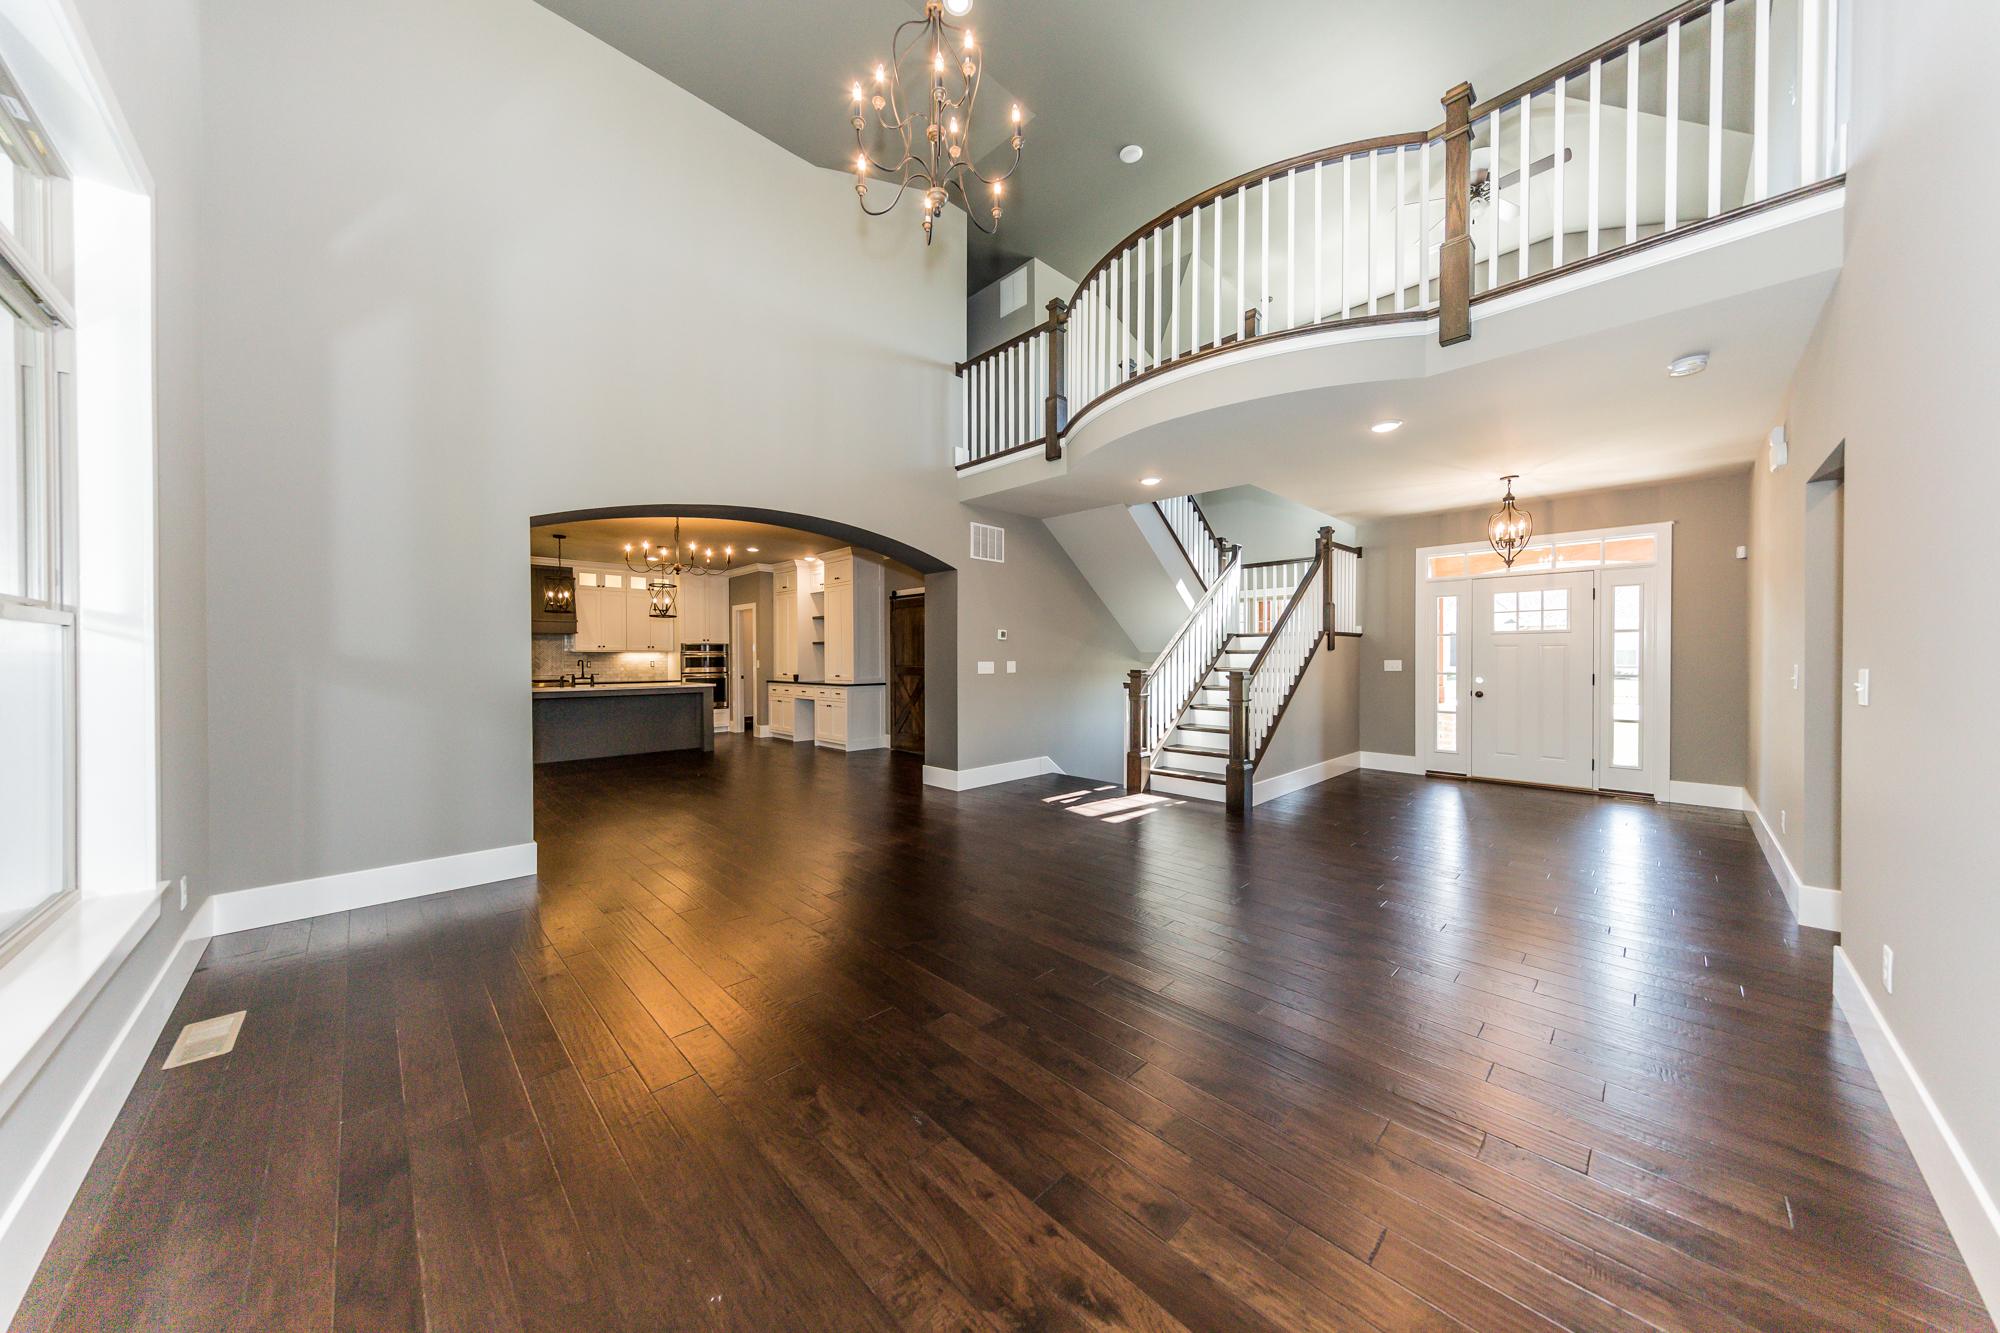 2-Scott-AFB-Real-Estate-For-Sale-O'Fallon-Illinois-62269-3.jpg